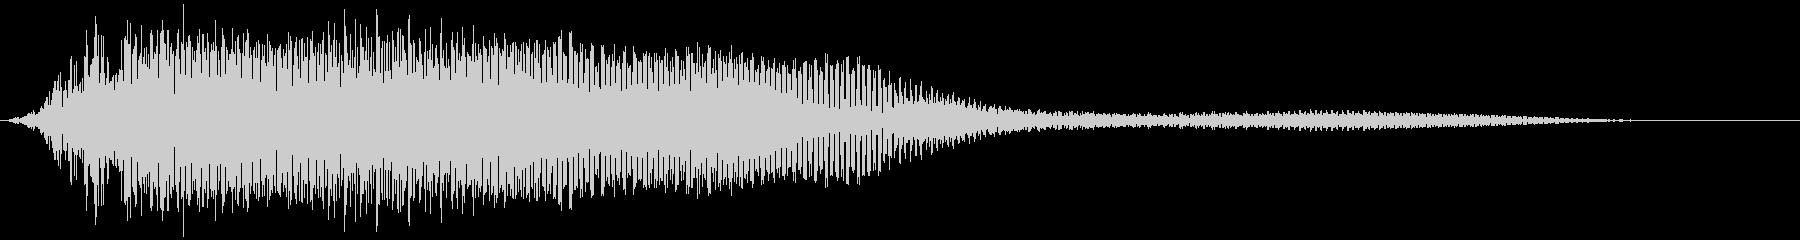 【ホラー】SFX_24 嫌な予感の未再生の波形